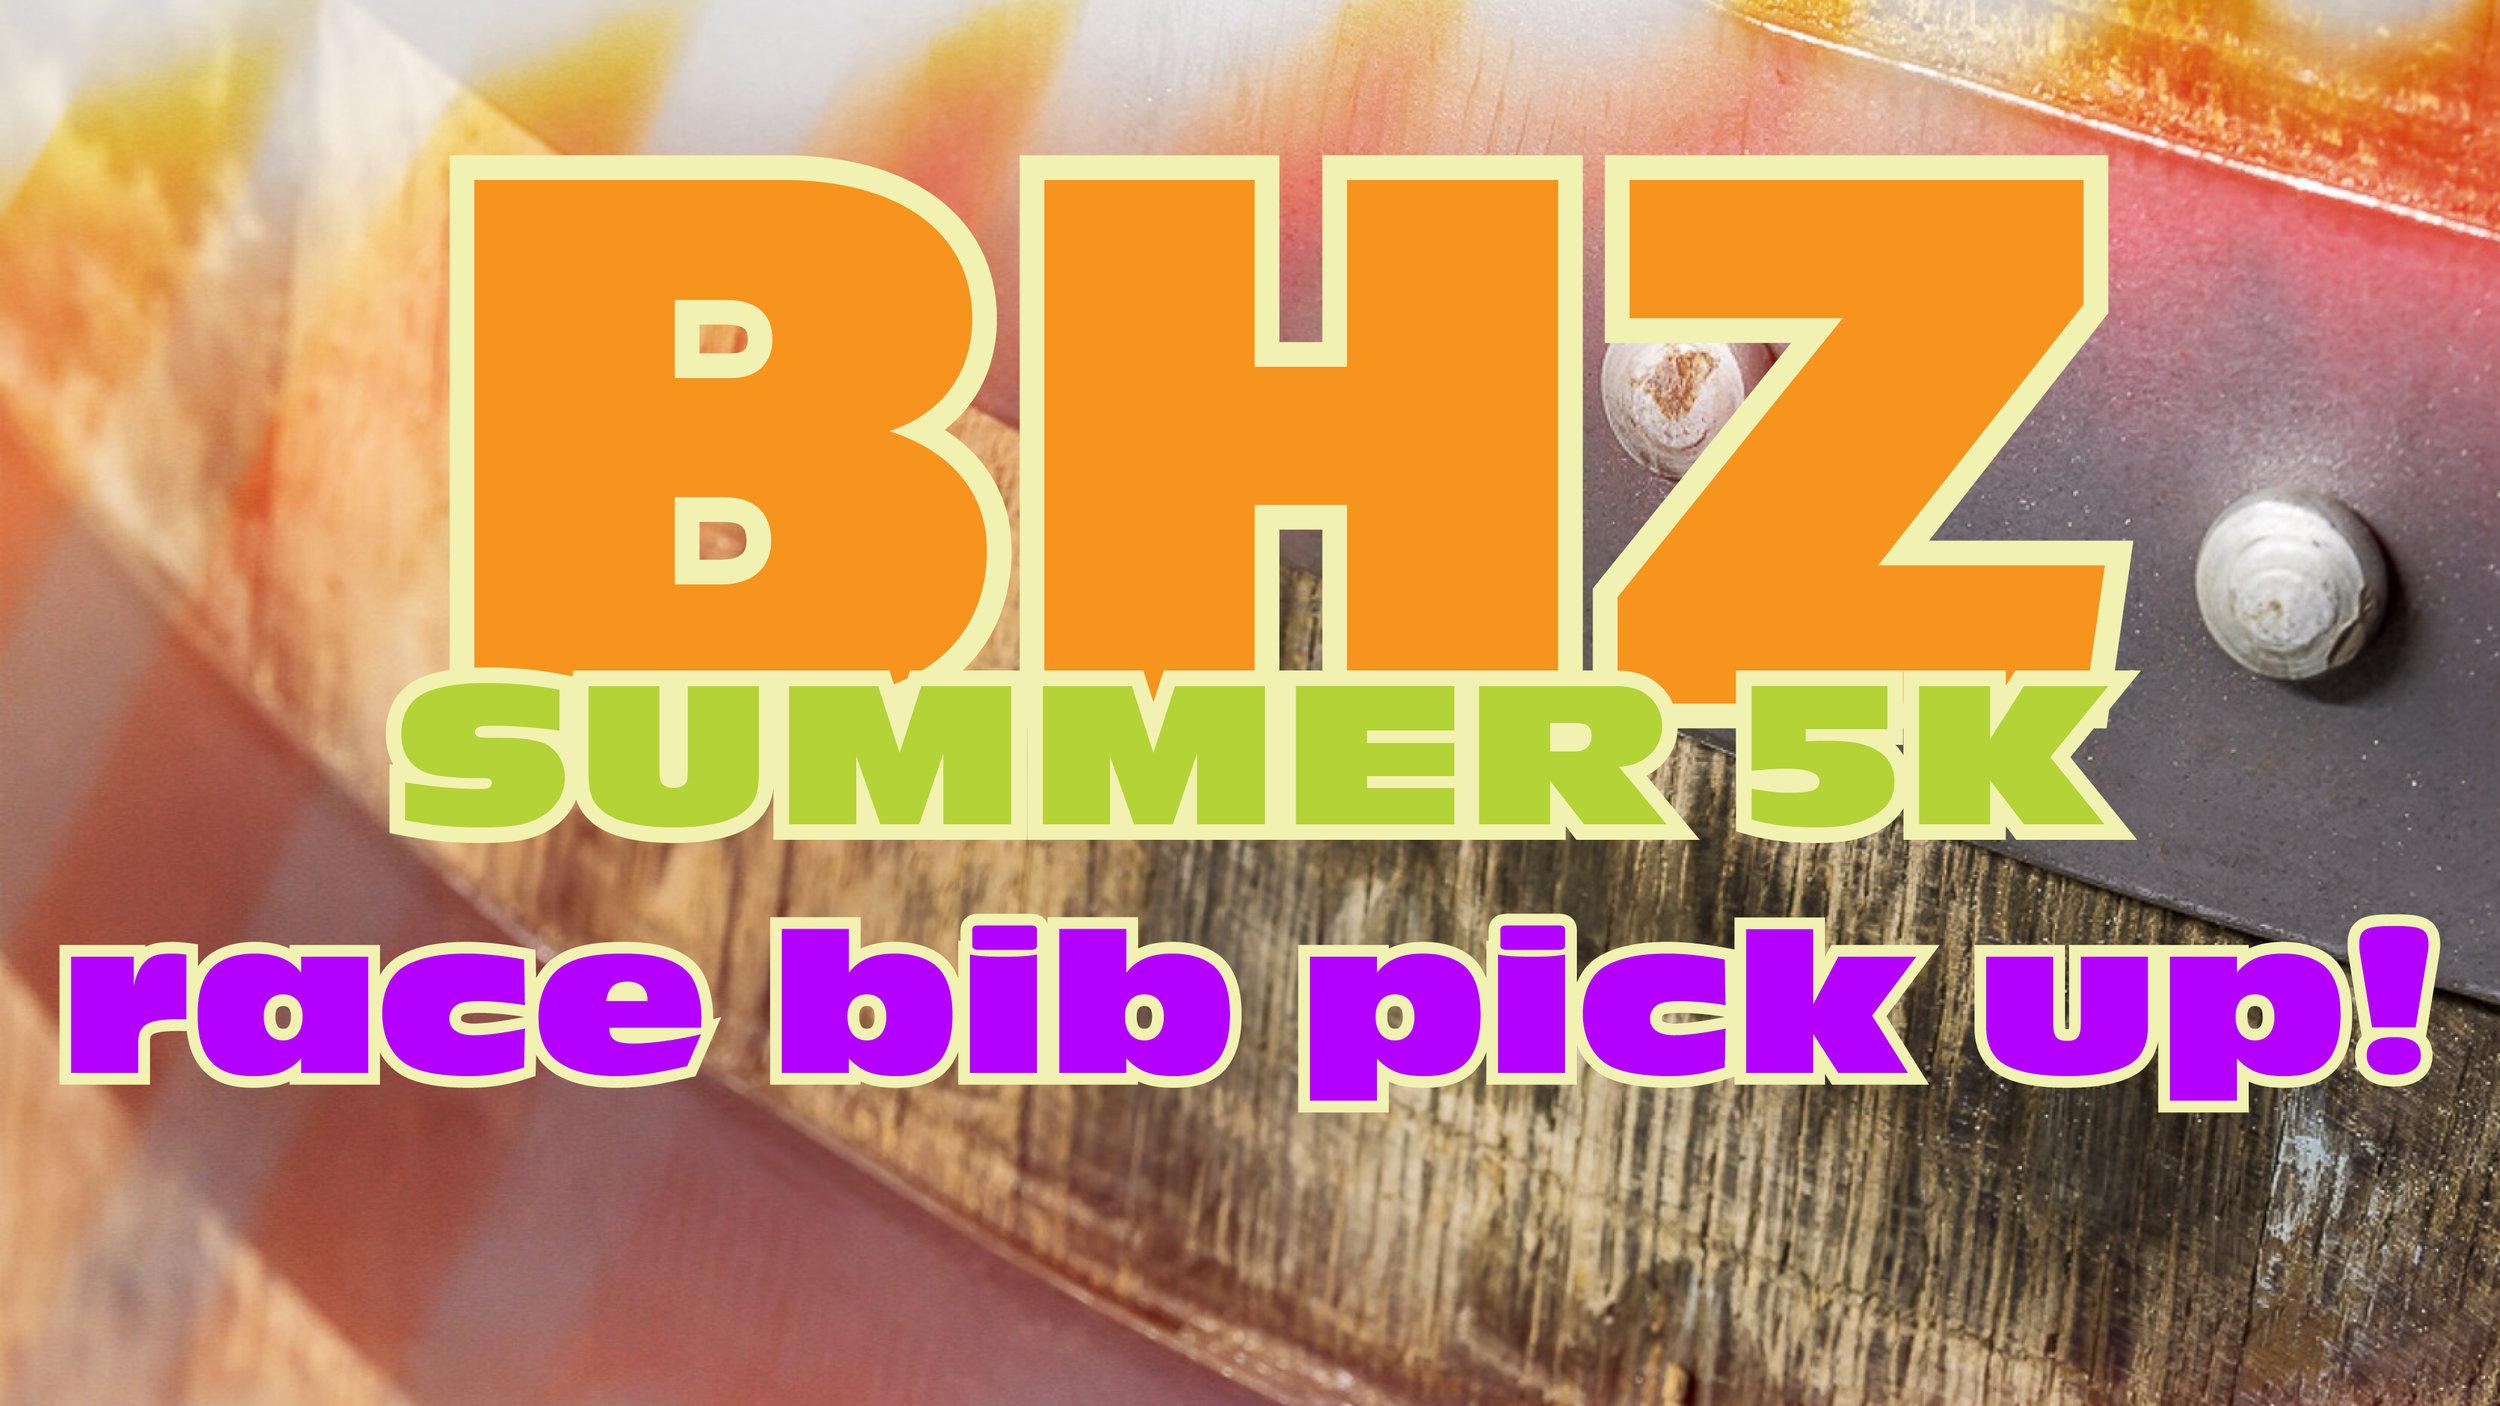 Summer 5K_bib pick upAsset.jpg